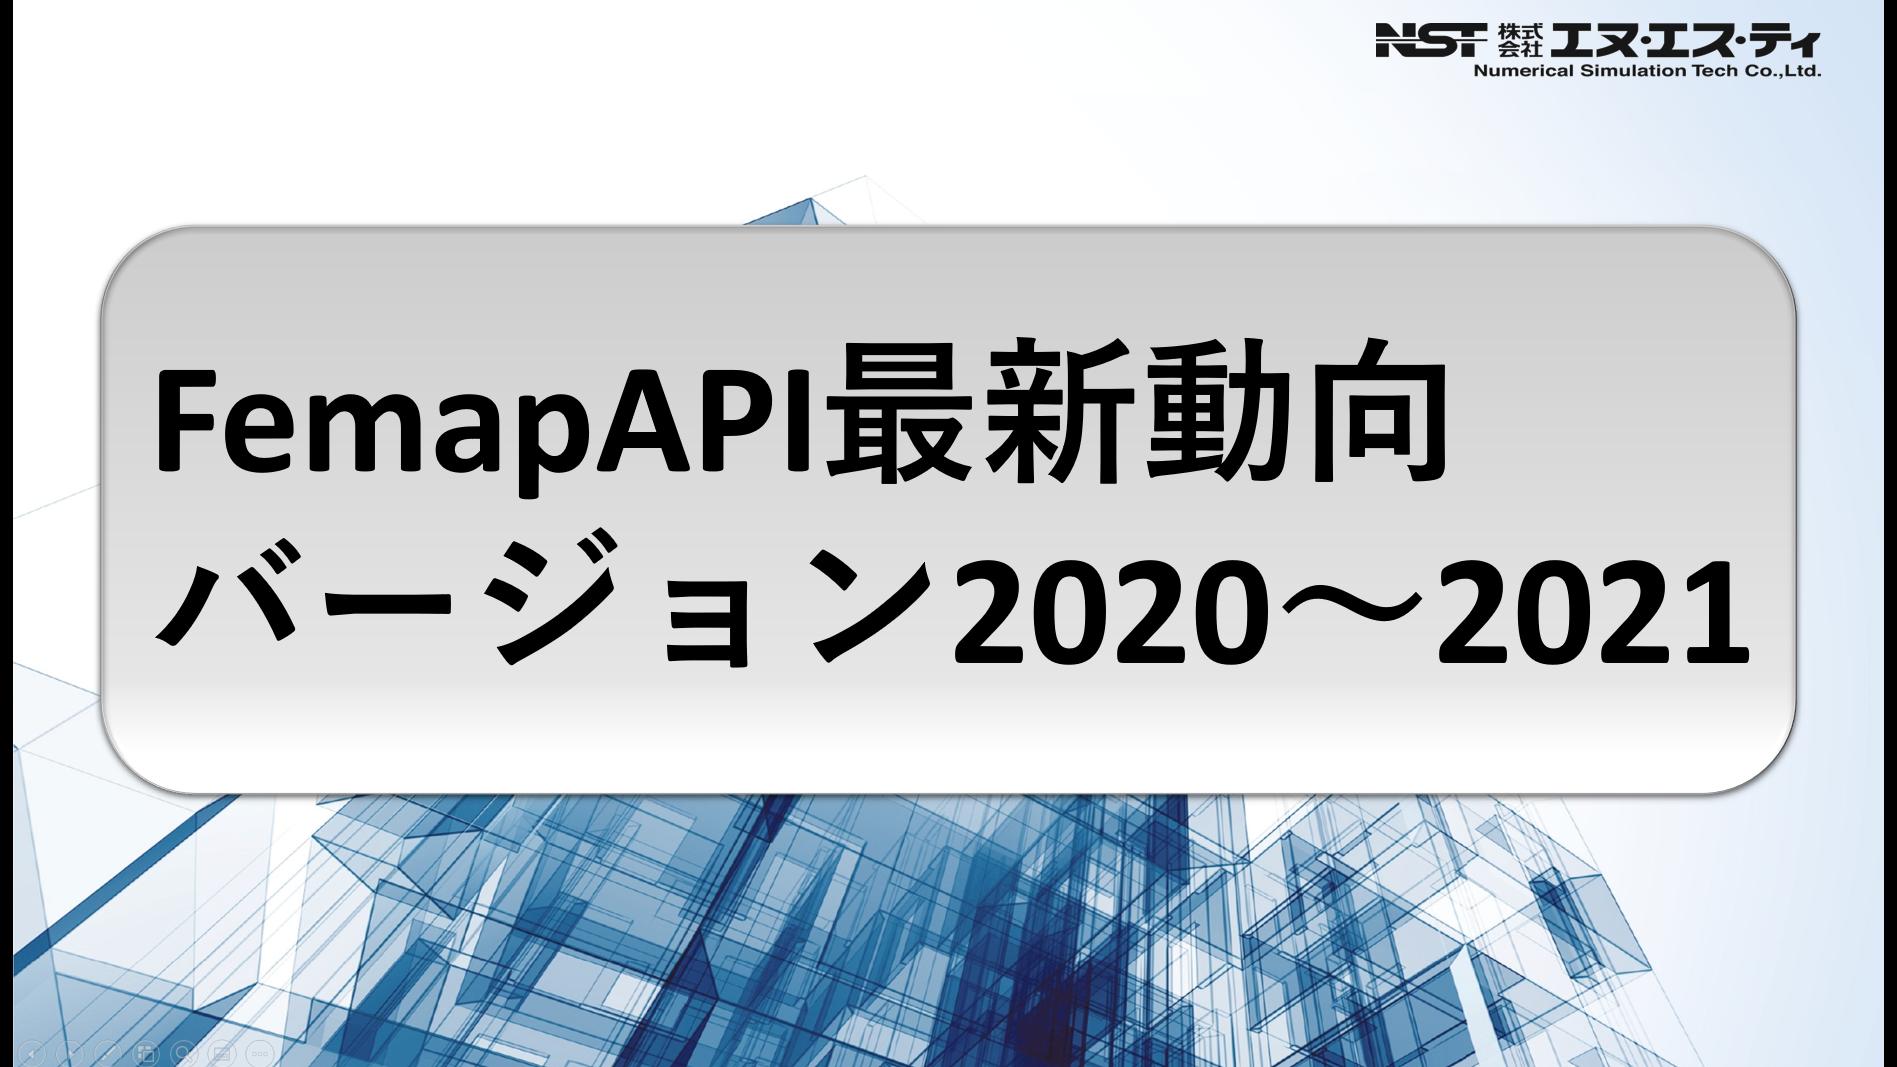 FemapAPI最新動向 バージョン2020~2021